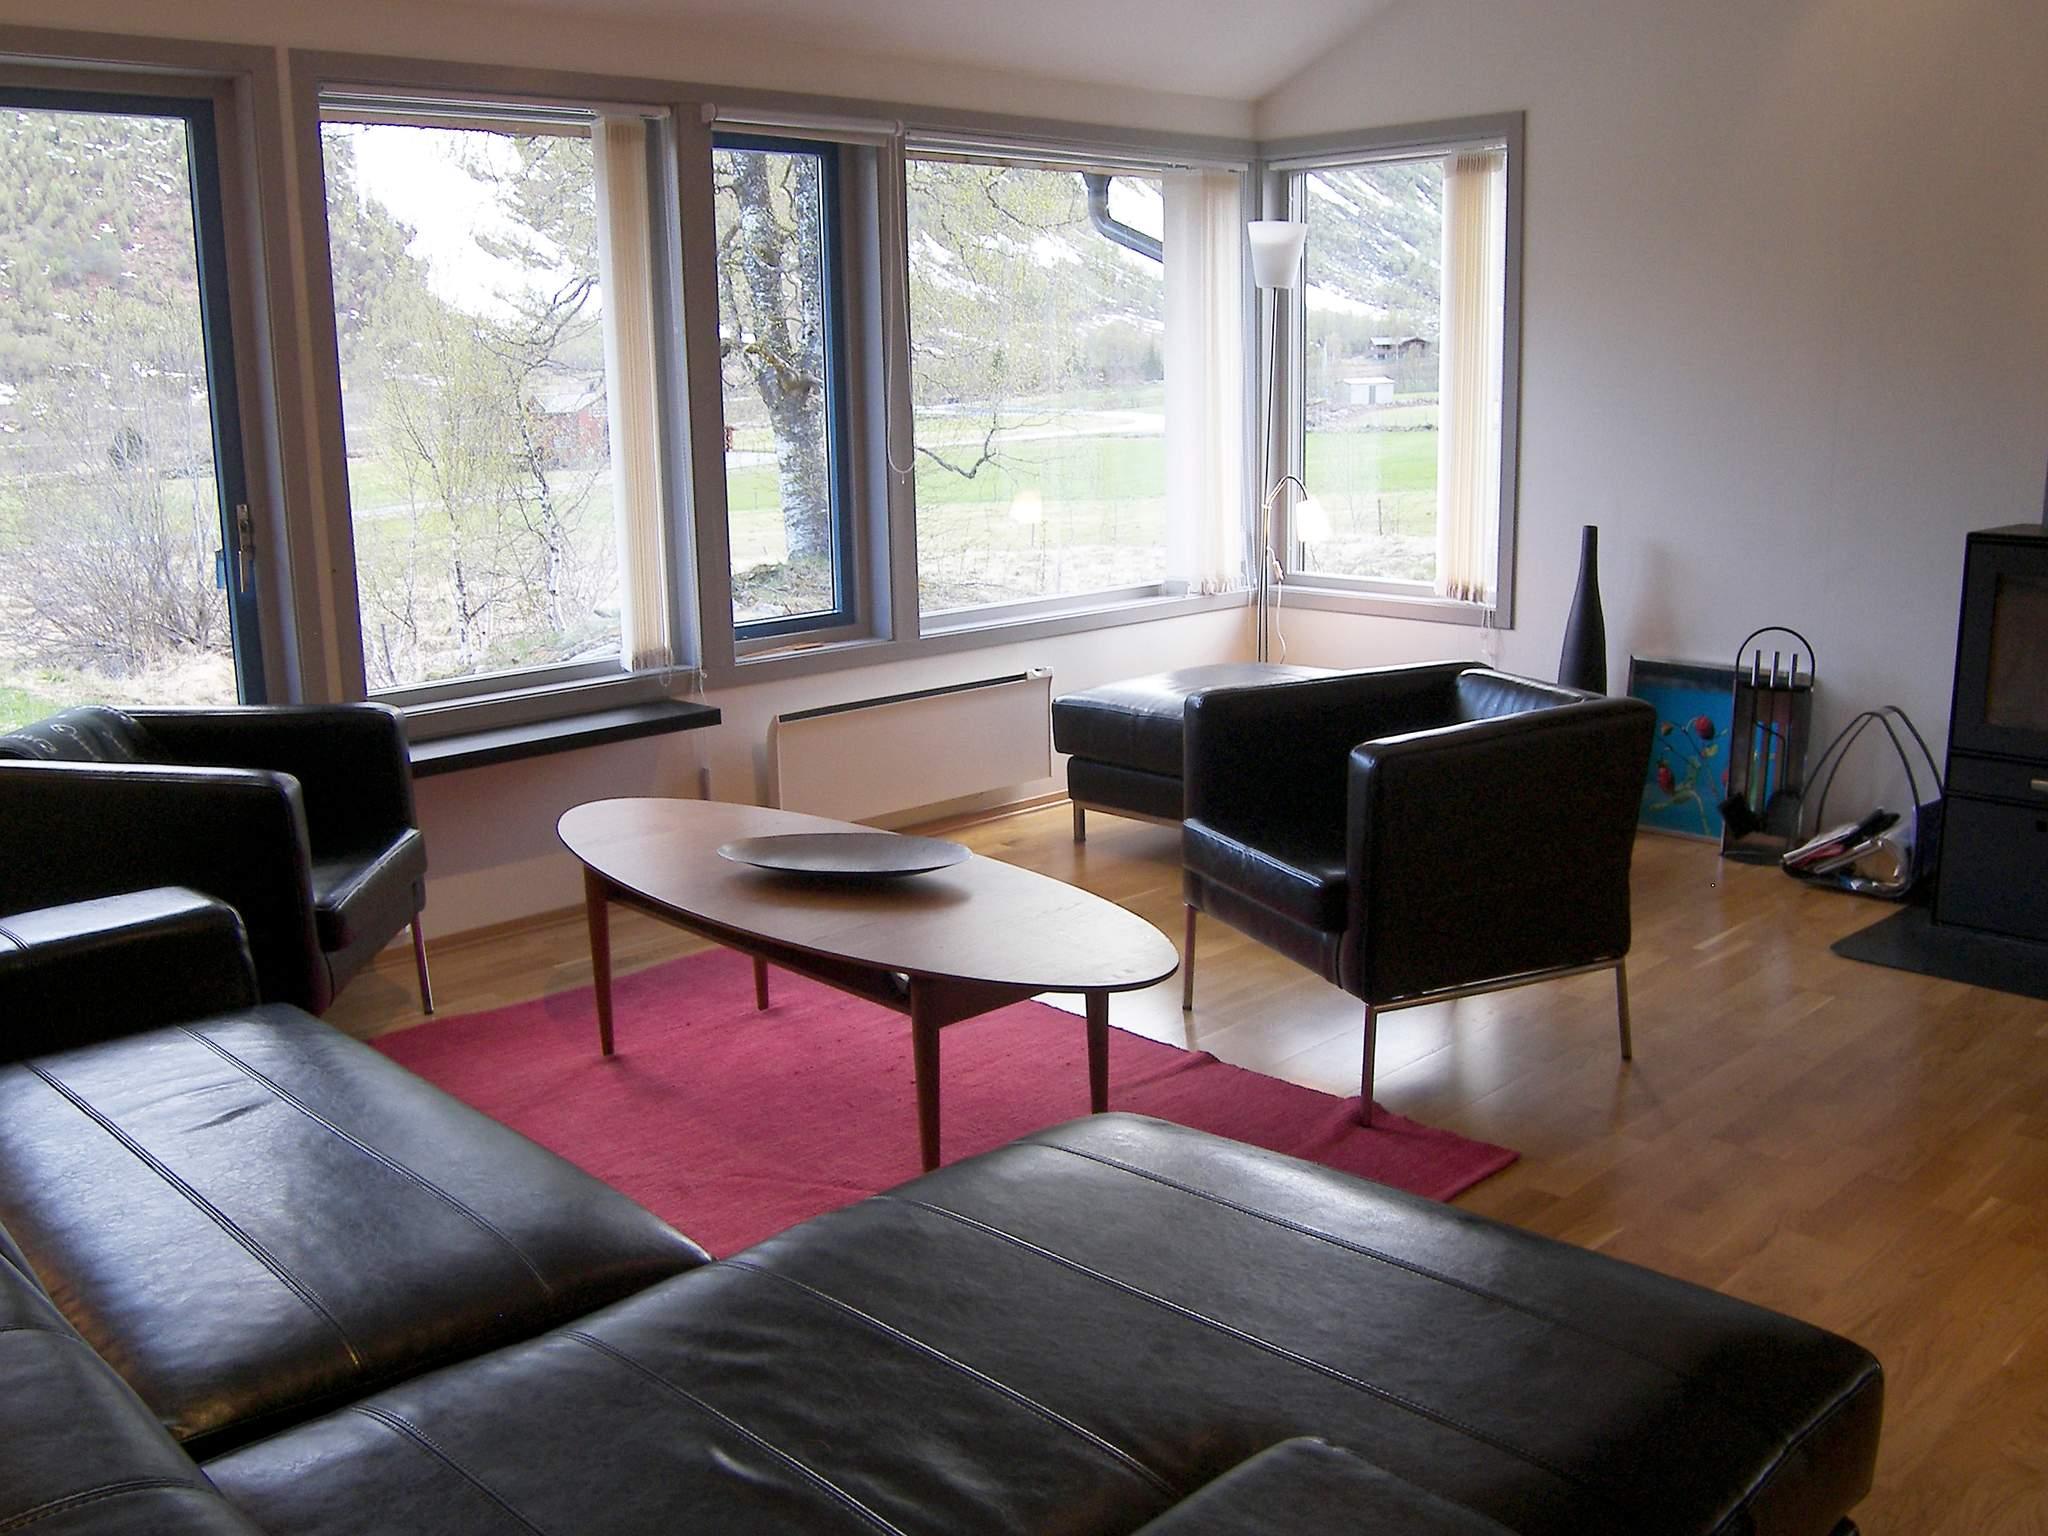 Ferienhaus Selseng (484309), Sogndal, Sognefjord - Nordfjord, Westnorwegen, Norwegen, Bild 17